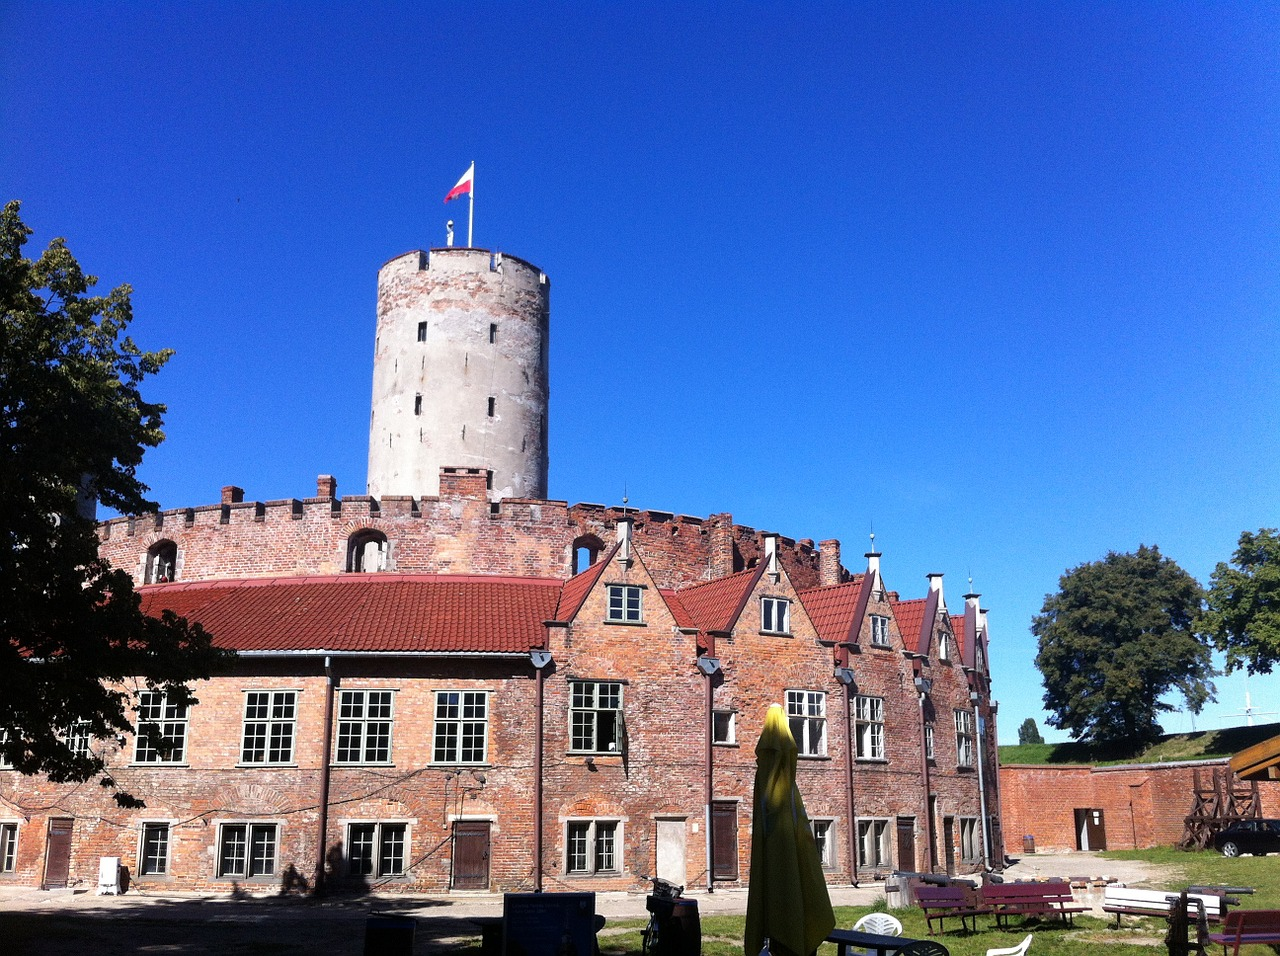 Die Festung Weichselmünde in Danzig